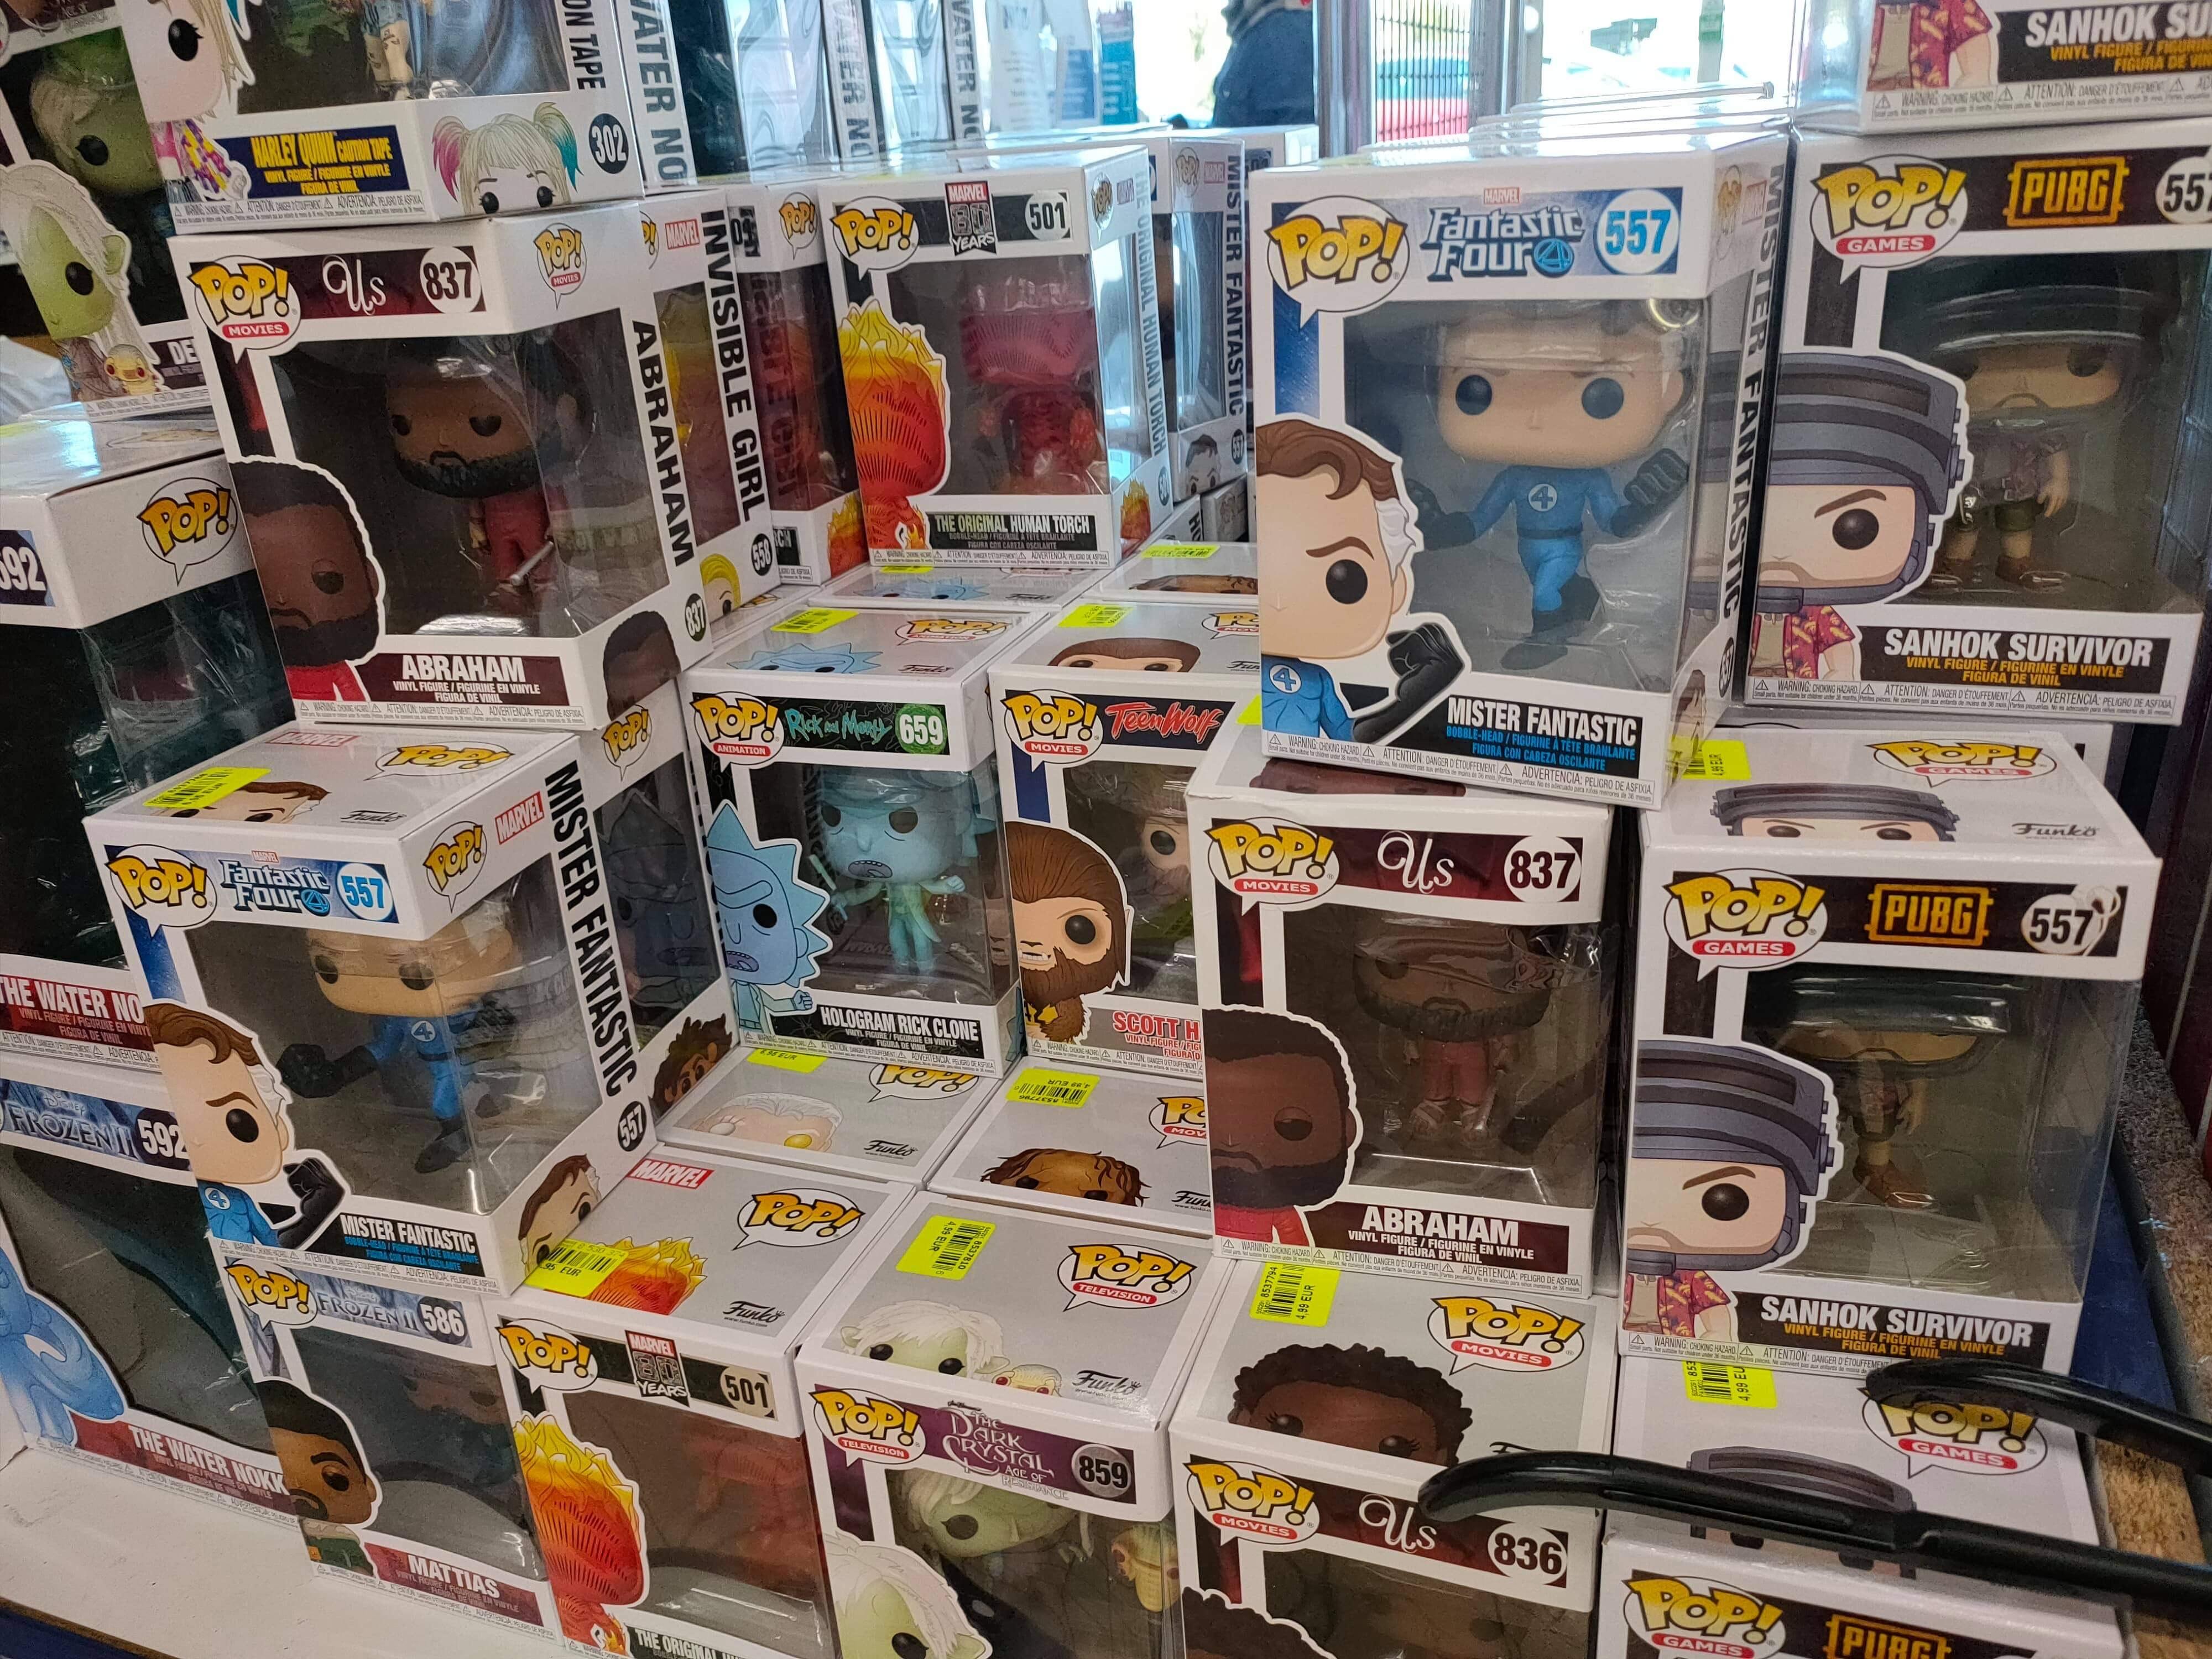 Sélection de figurines Funko Pop! en promotion (Marvel, Rick et Morty, Toy Story...) - Montataire (60)